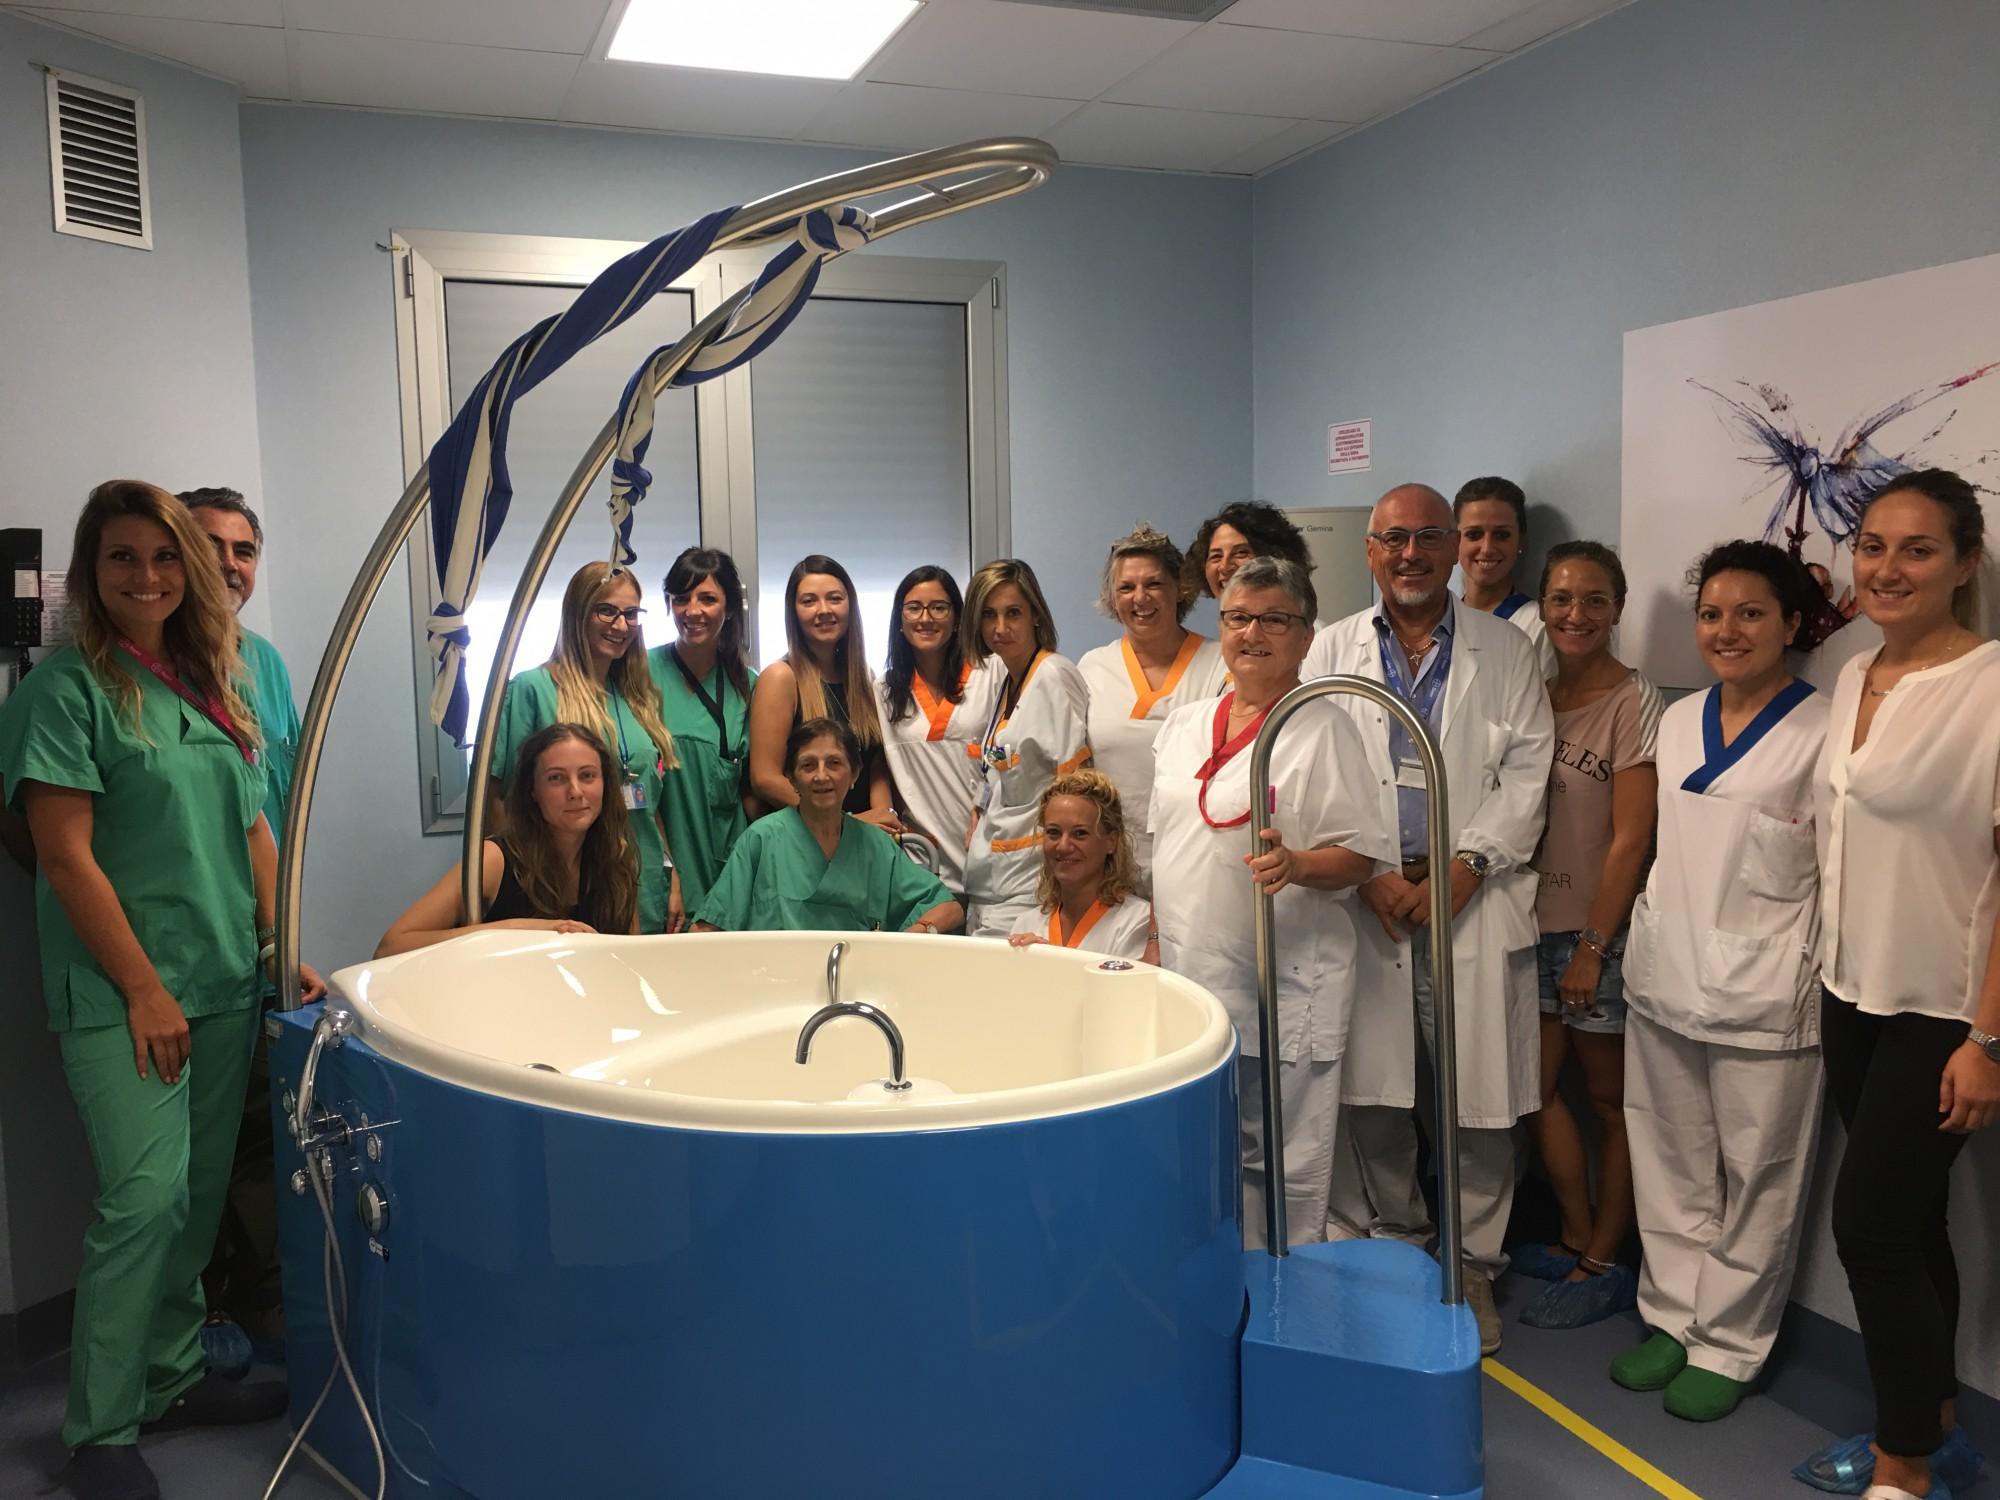 Vasca Da Parto : Inaugurazione vasca da parto